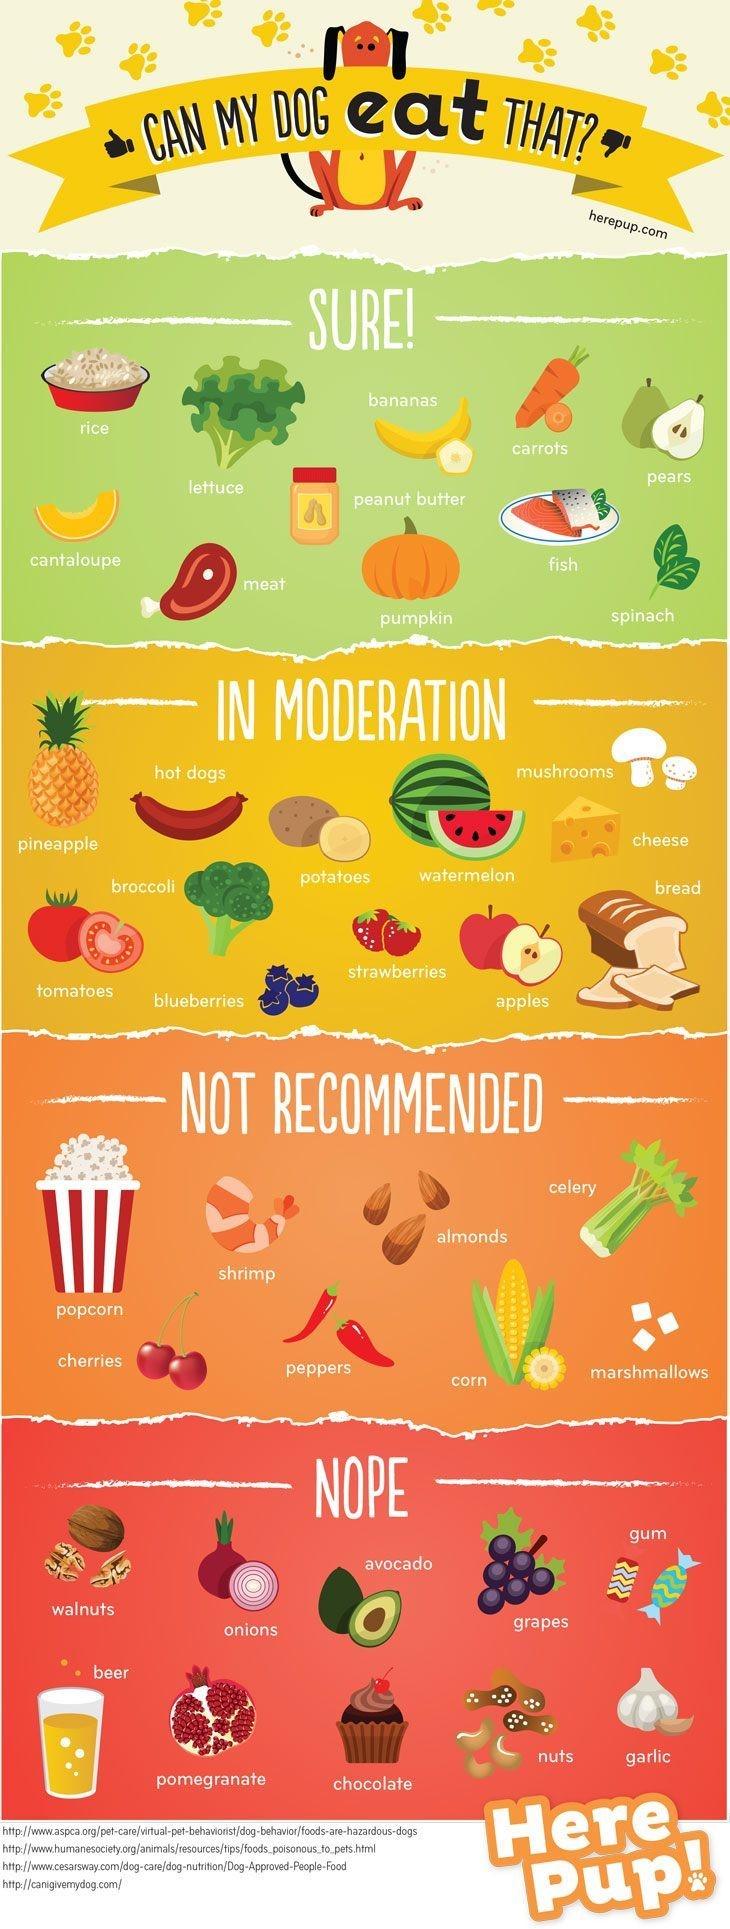 Amit nem ajánlott prosztatagyulladás esetén enni